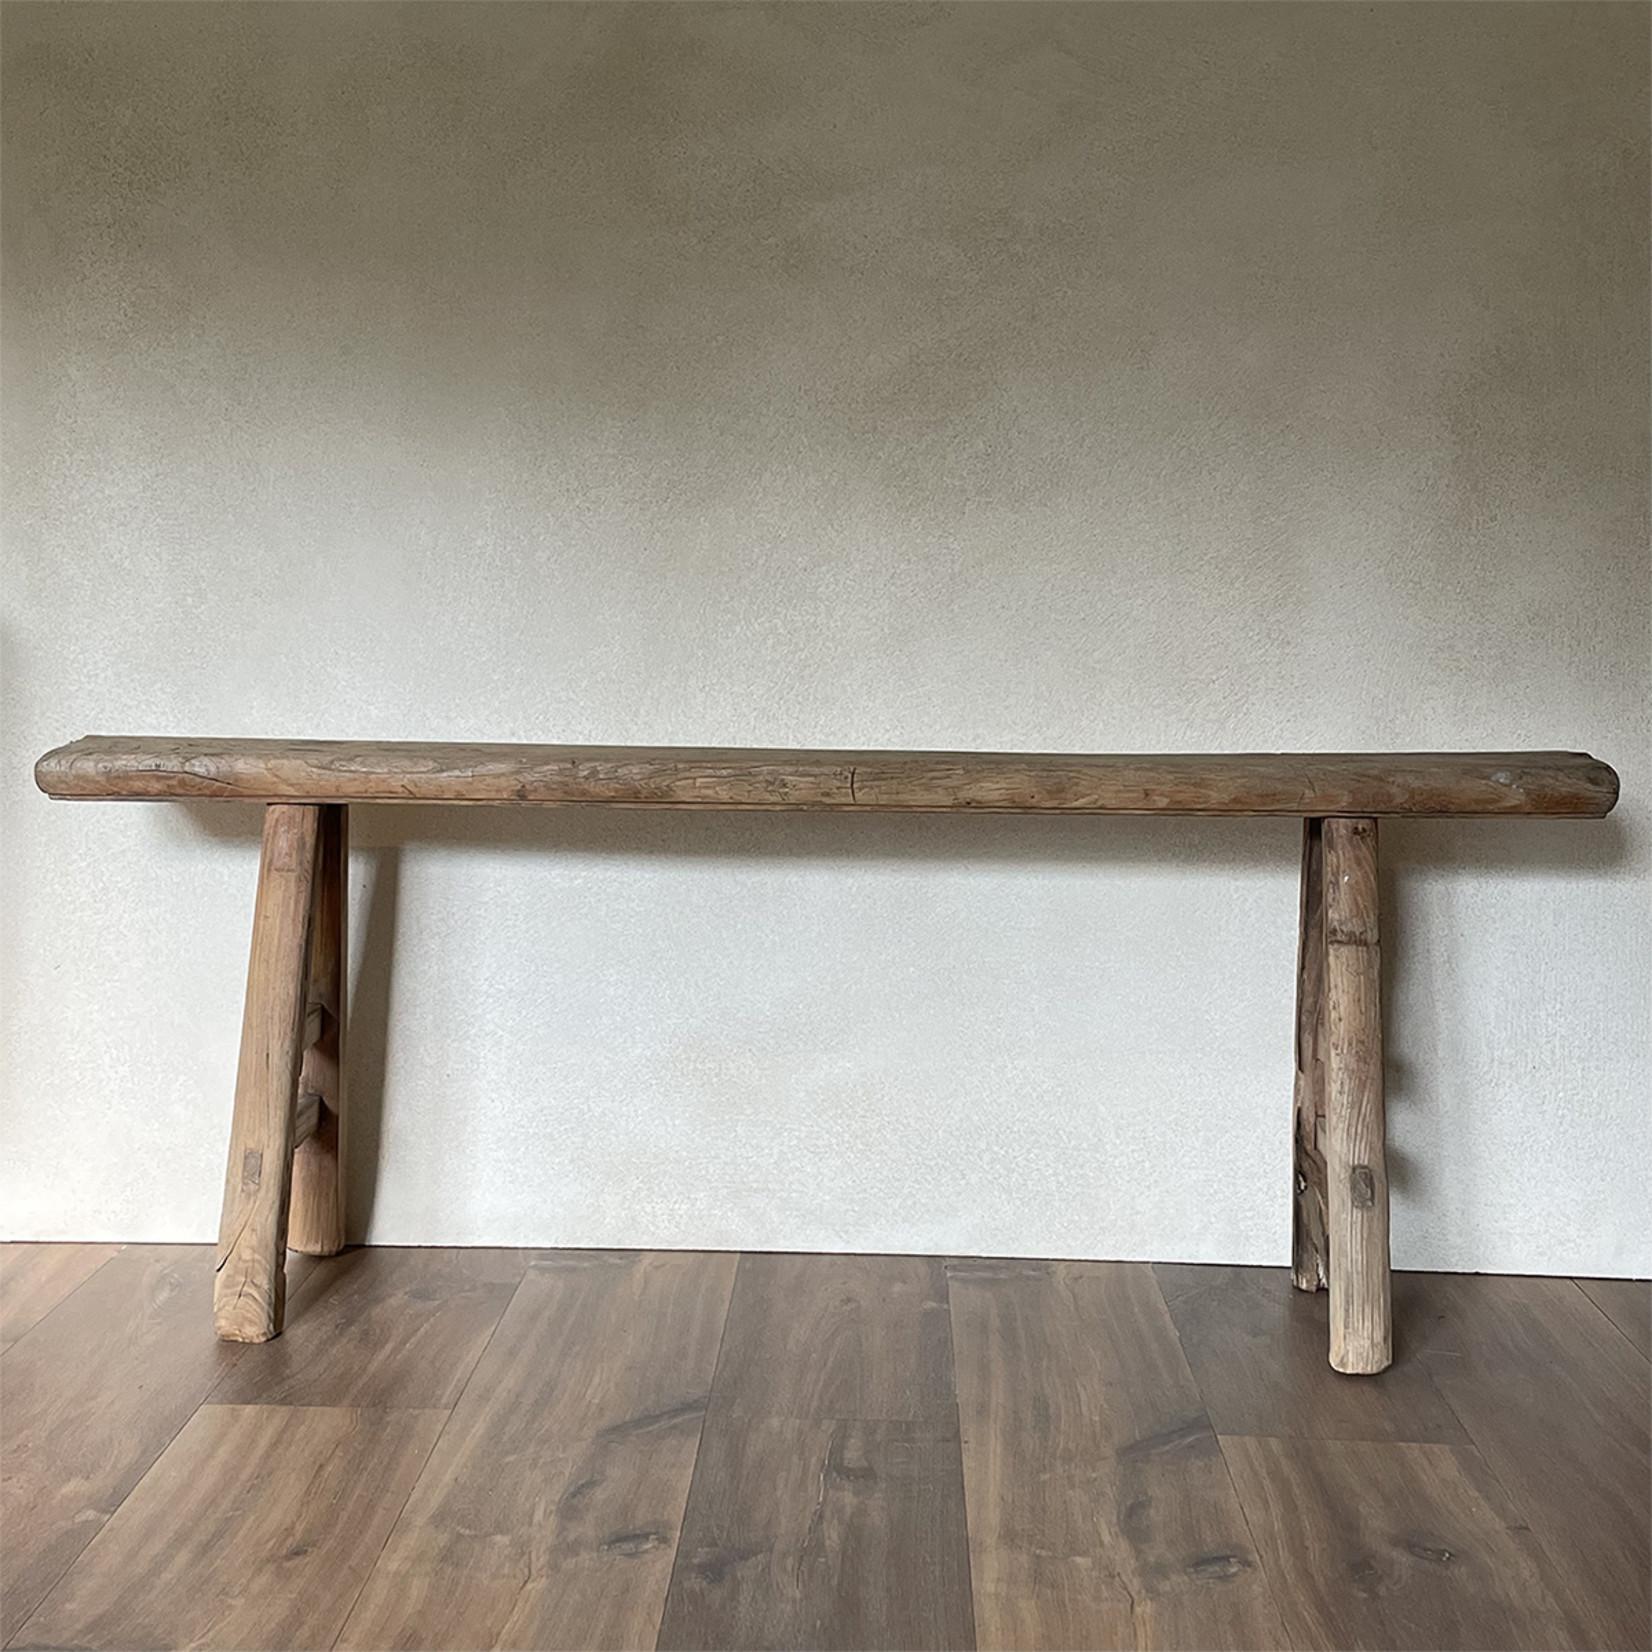 Bench olm °1